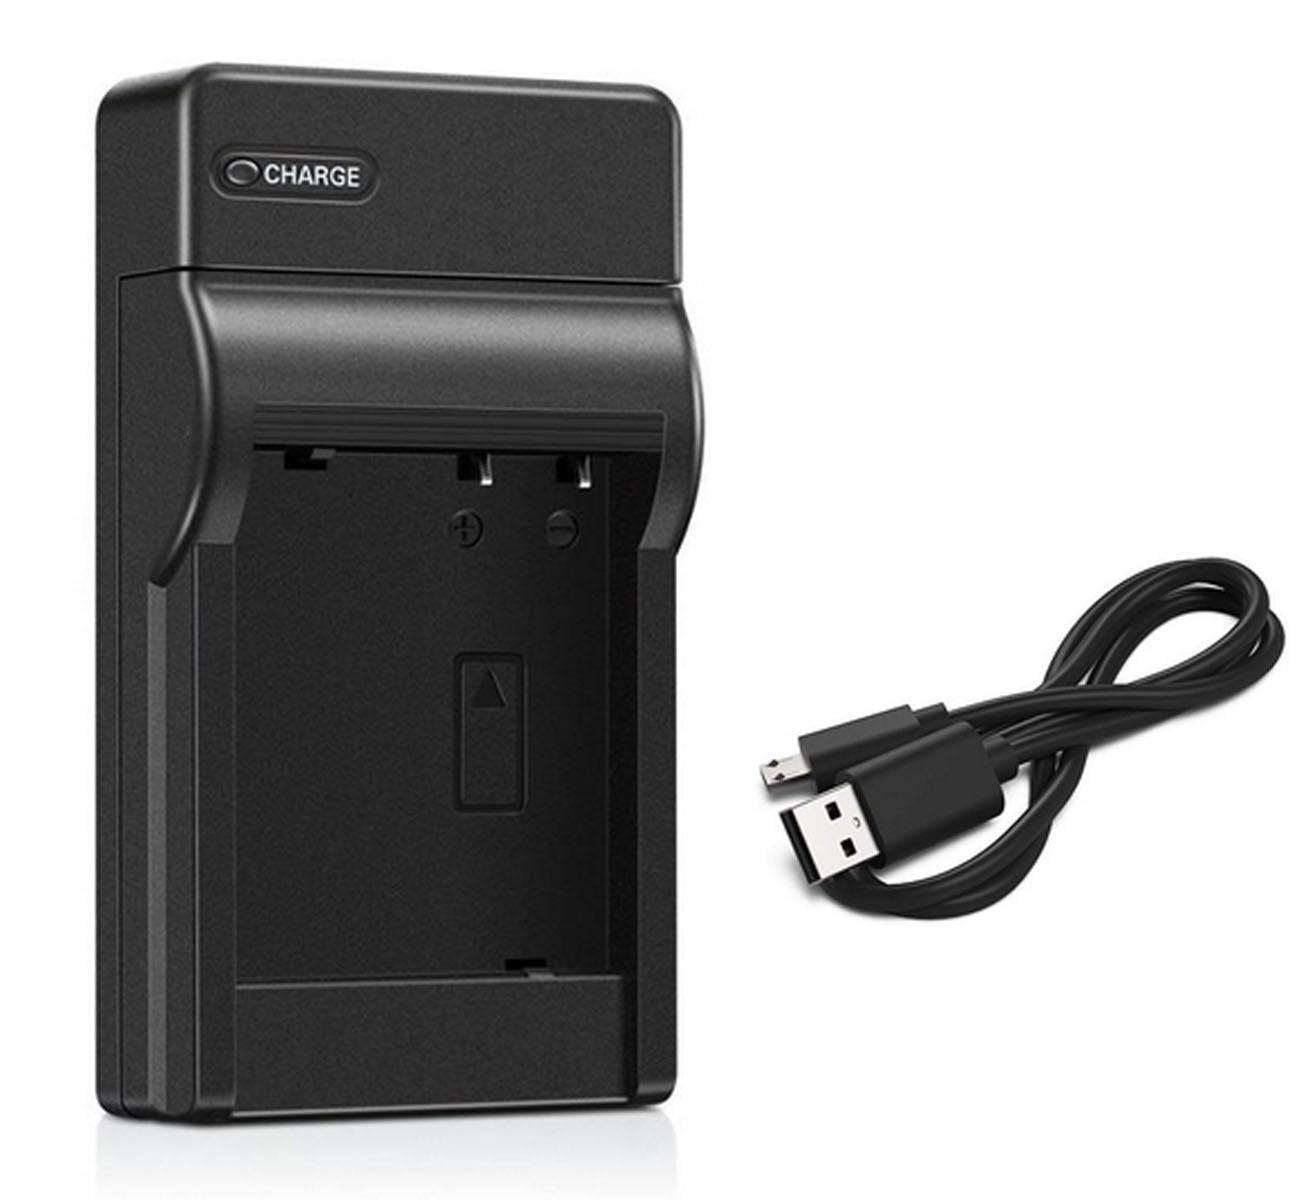 Ladegeräte und Dockingstationen für Sony Cyber shot Kameras